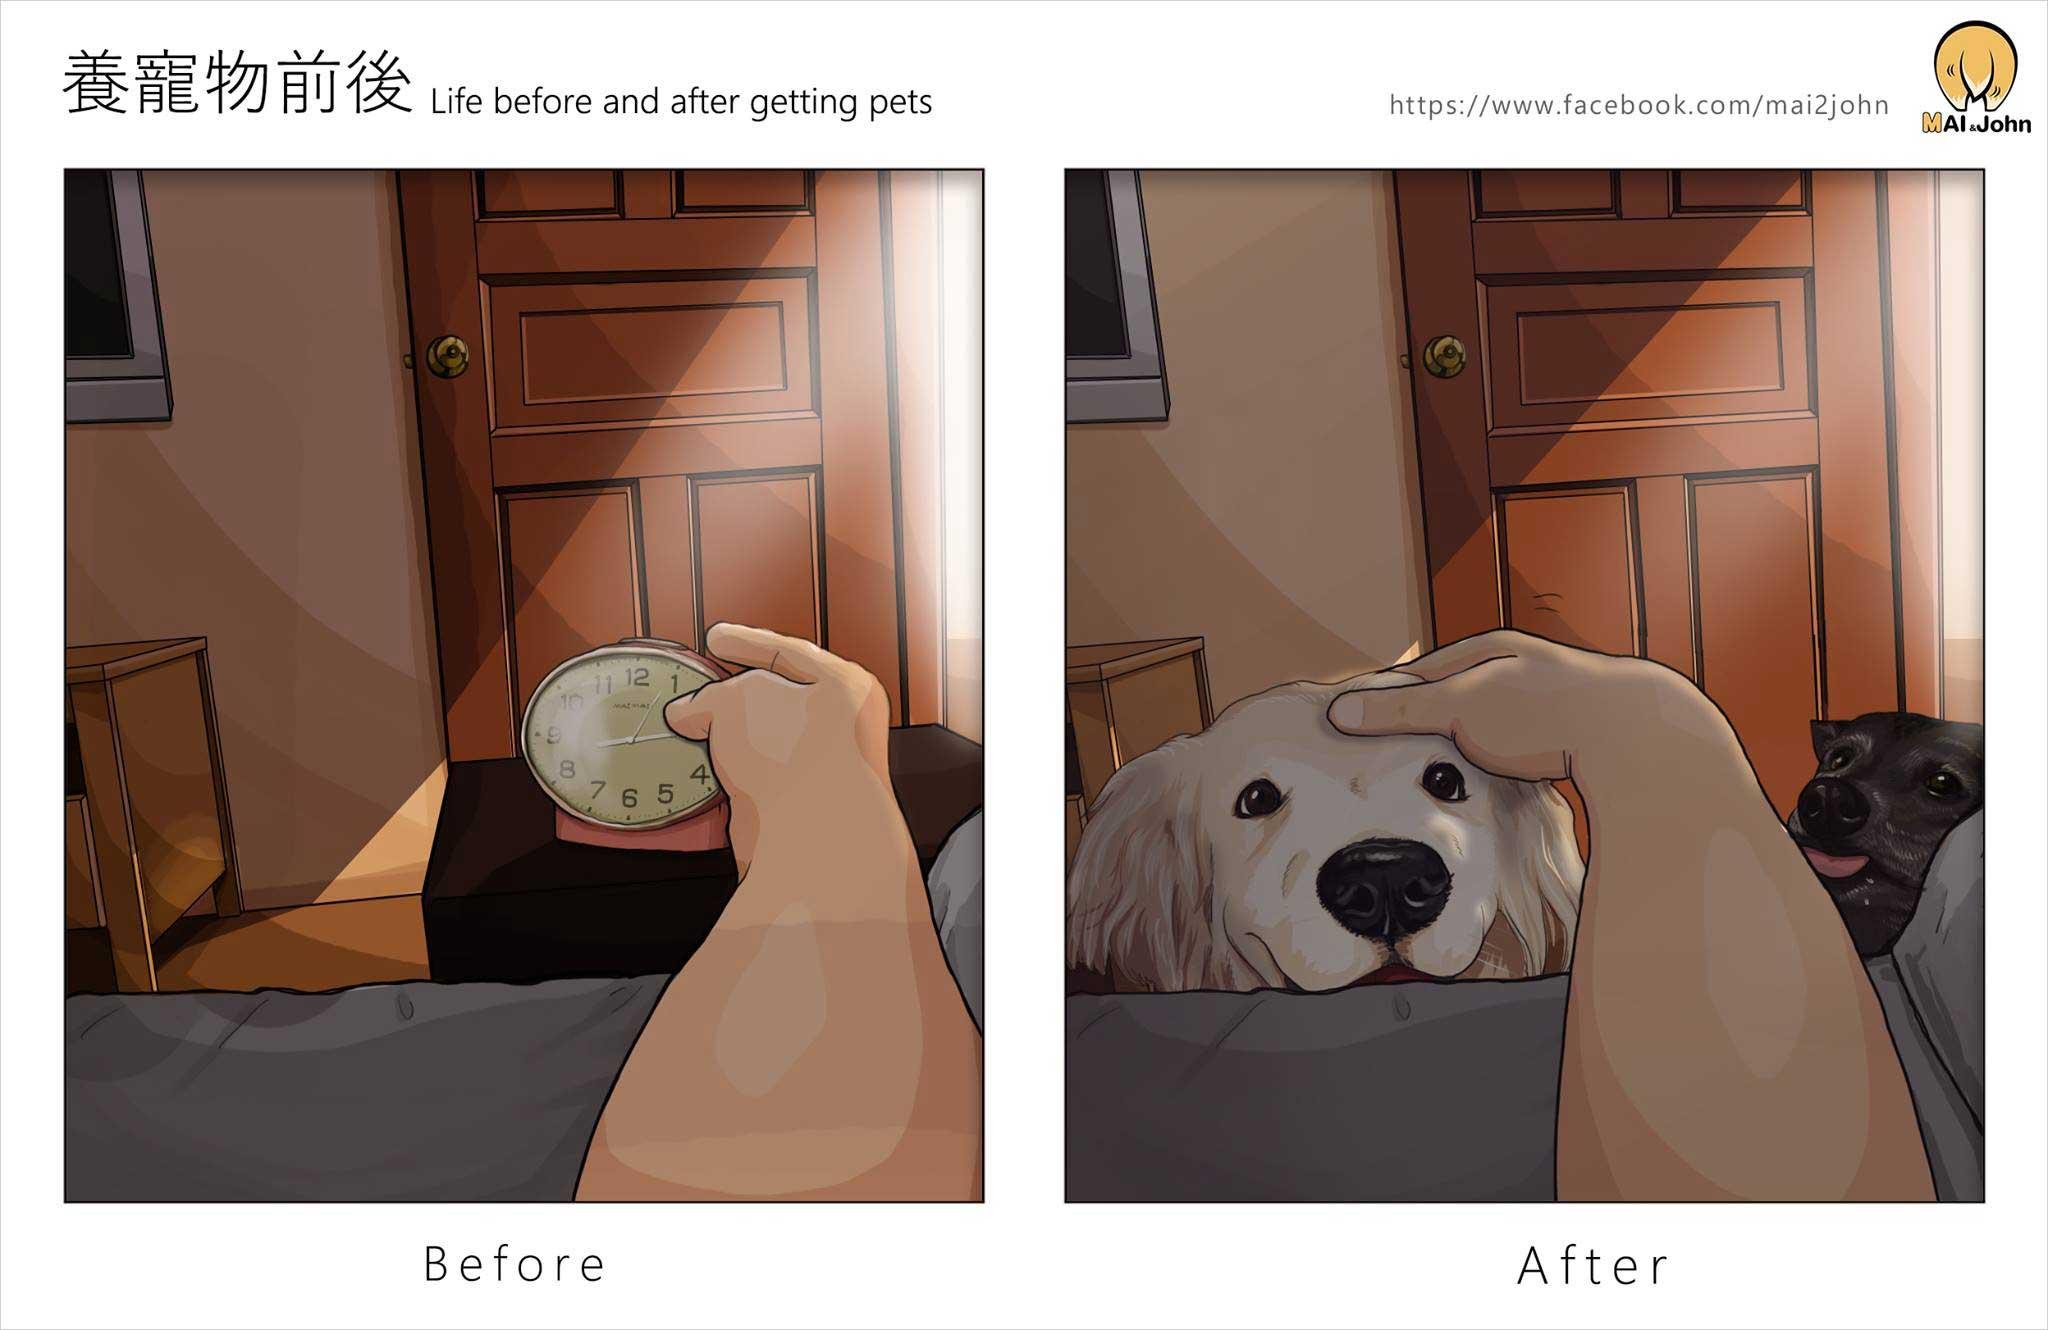 Das Leben vor und nach dem Anschaffen von Haustieren maijohn-life-with-pets_06